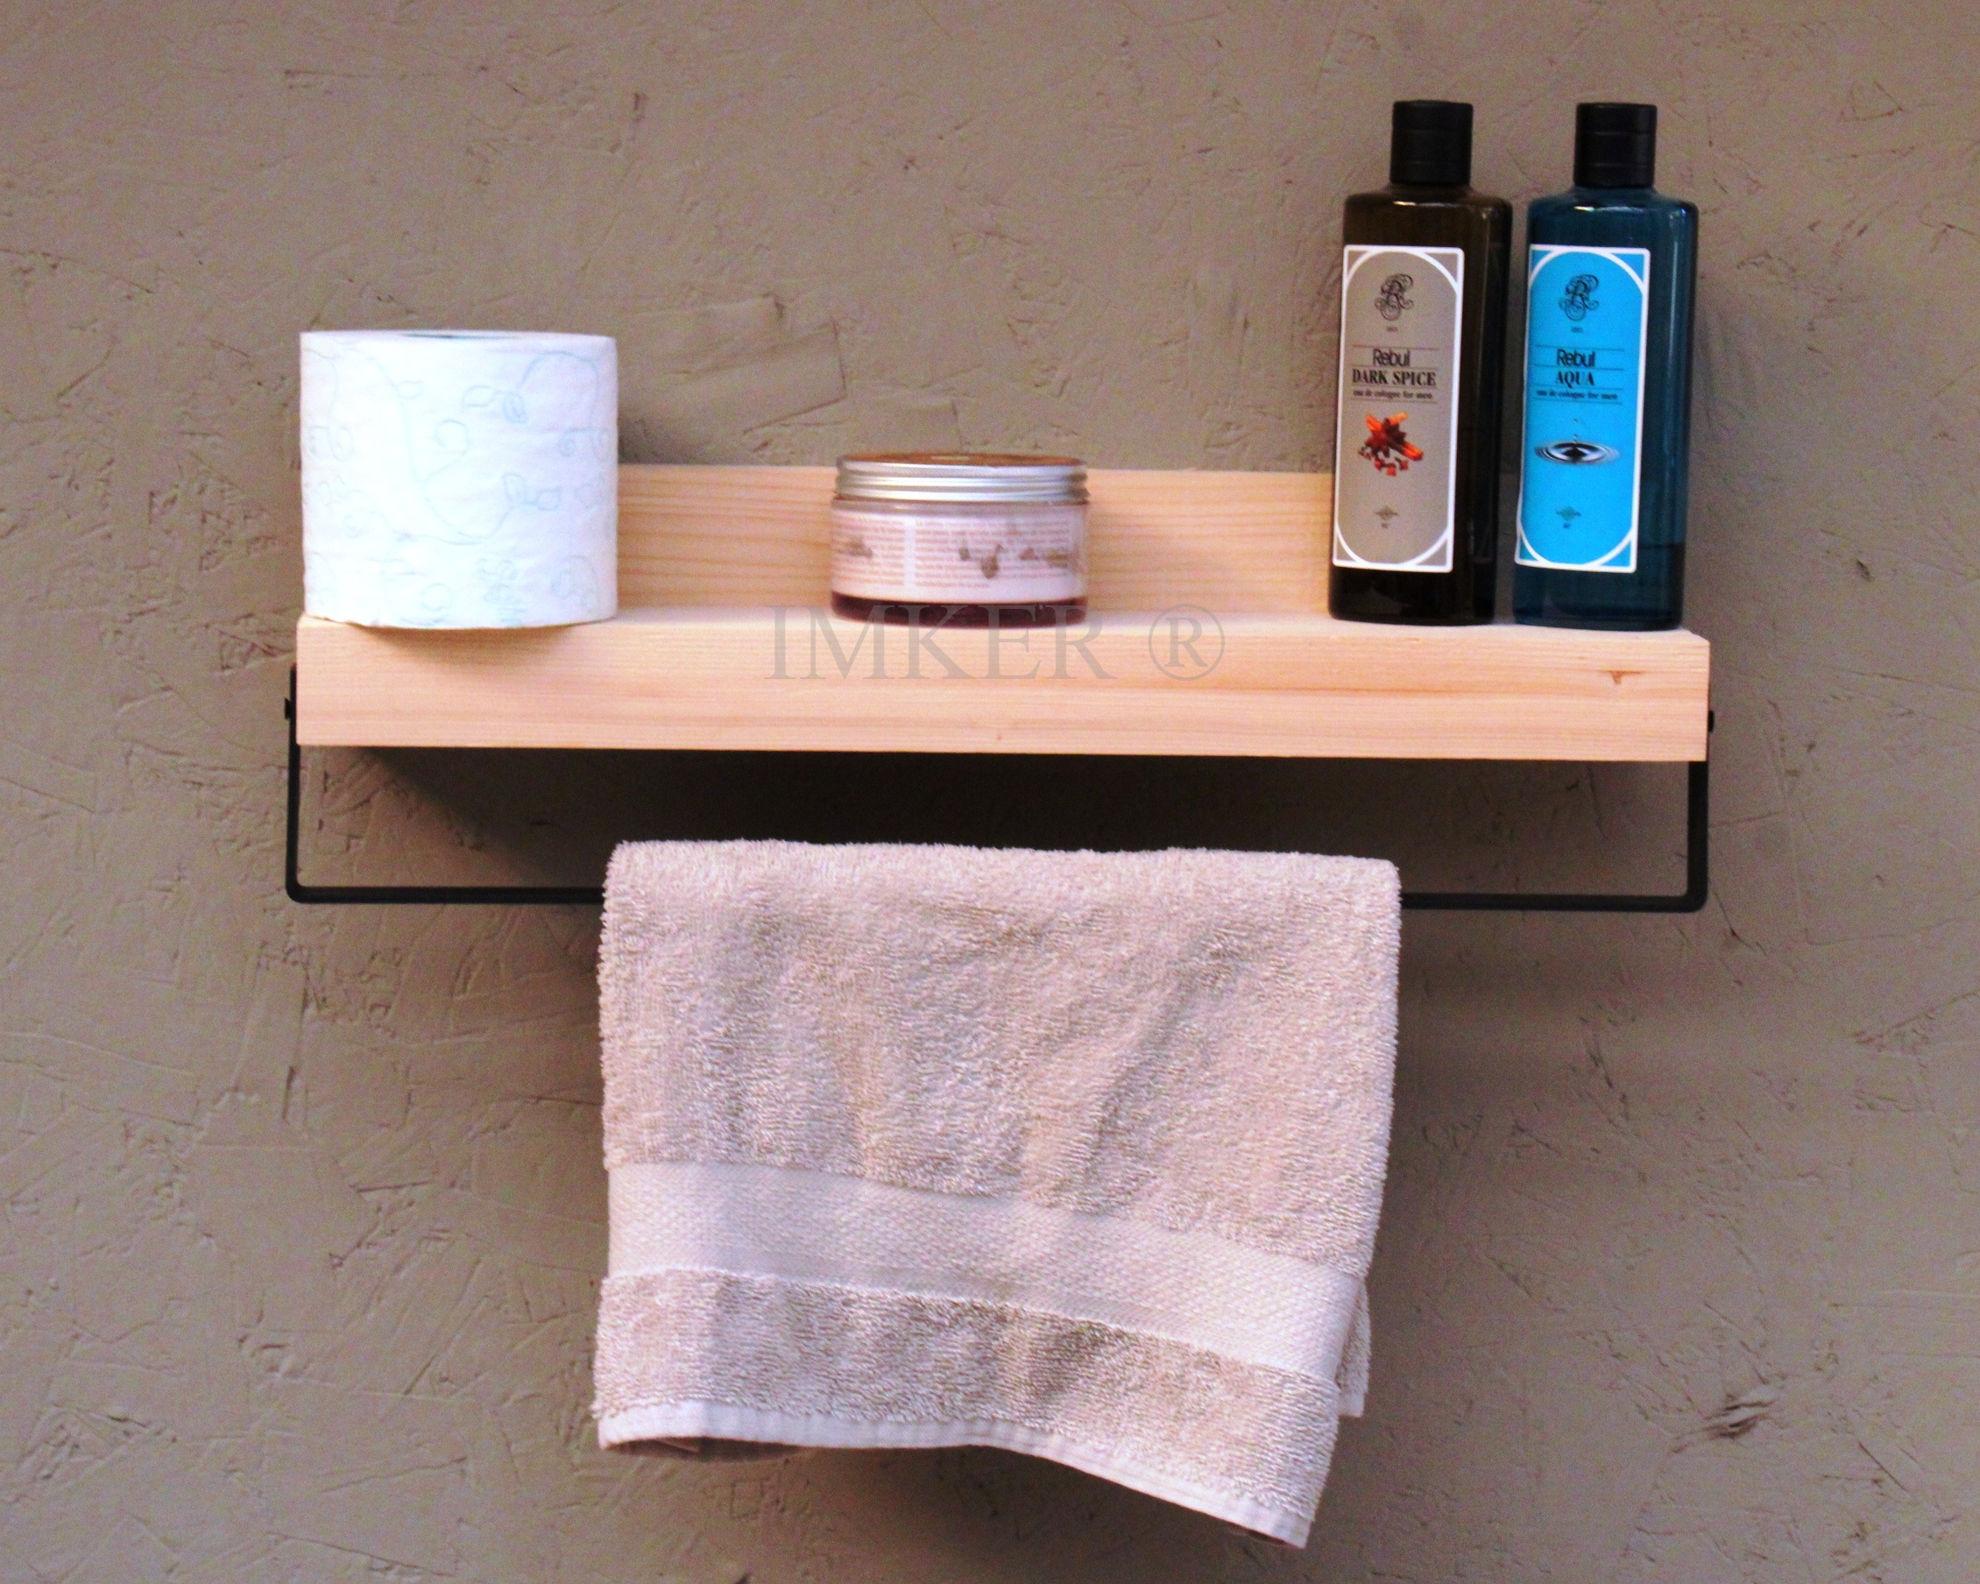 Imker metal havlu askısı masif ahşap banyo duvar rafı çok amaçlı düzenleyici organizer terek 5334432 resmi